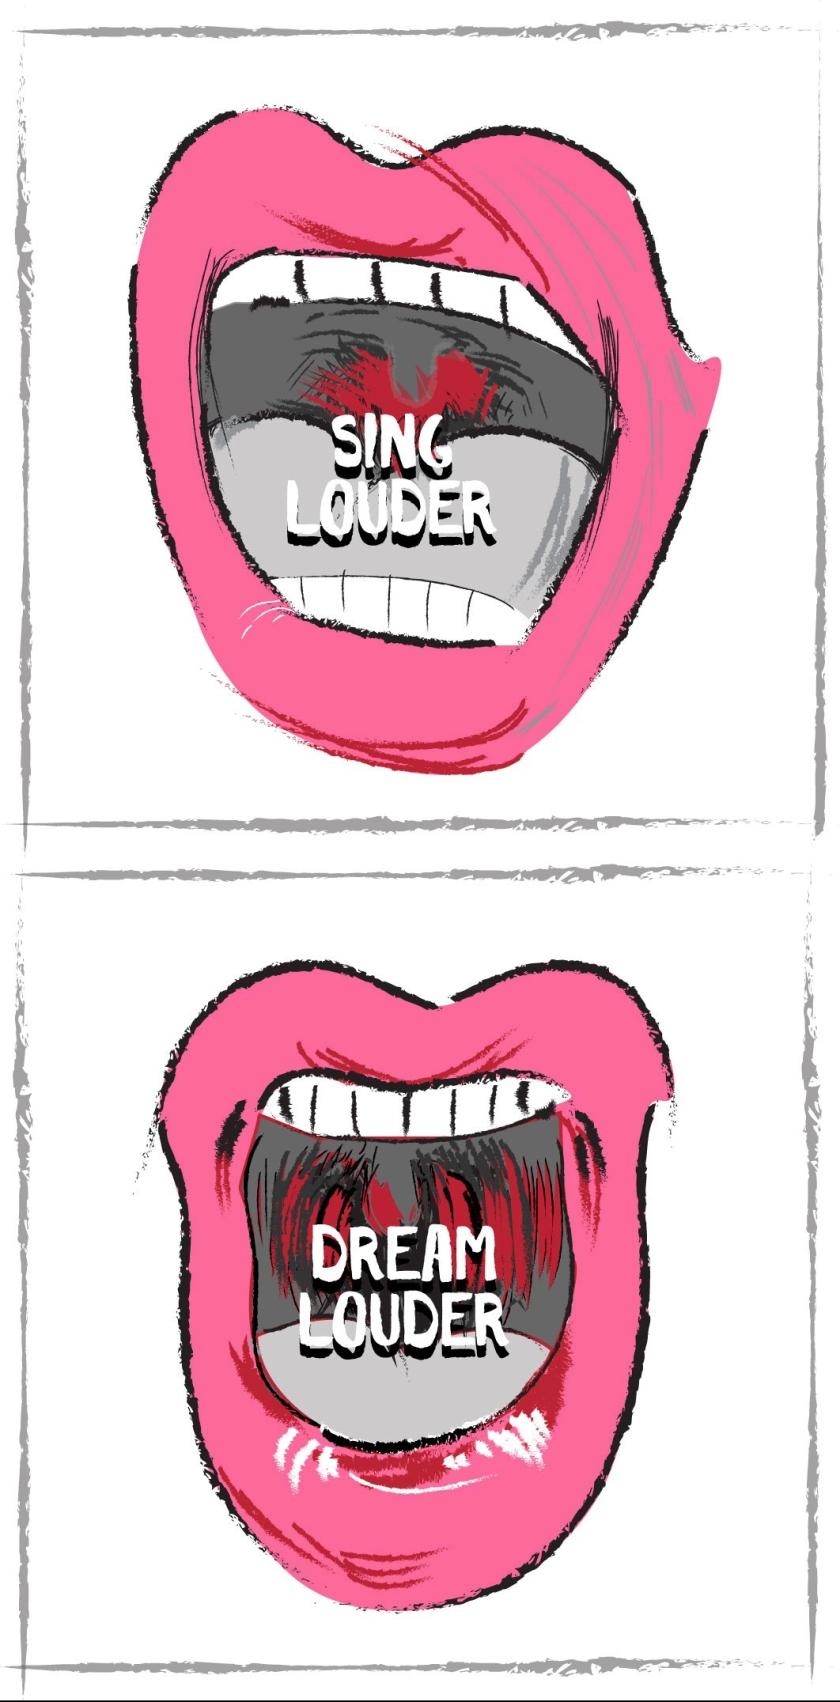 singlouder_dreaml_pink_2c.jpg